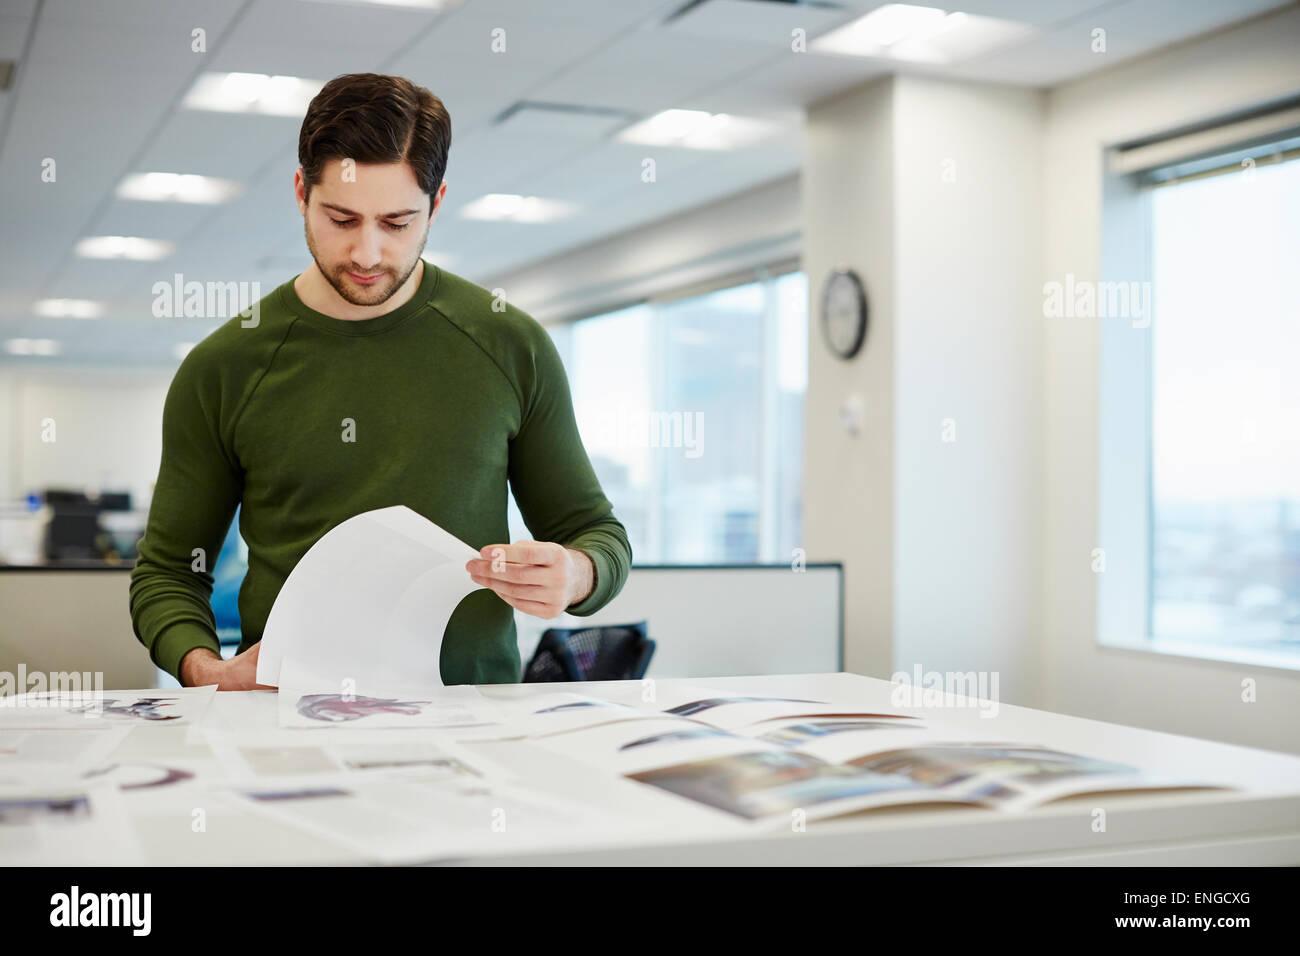 Un uomo in un ufficio controllo delle prove di pagine stampate. Immagini Stock